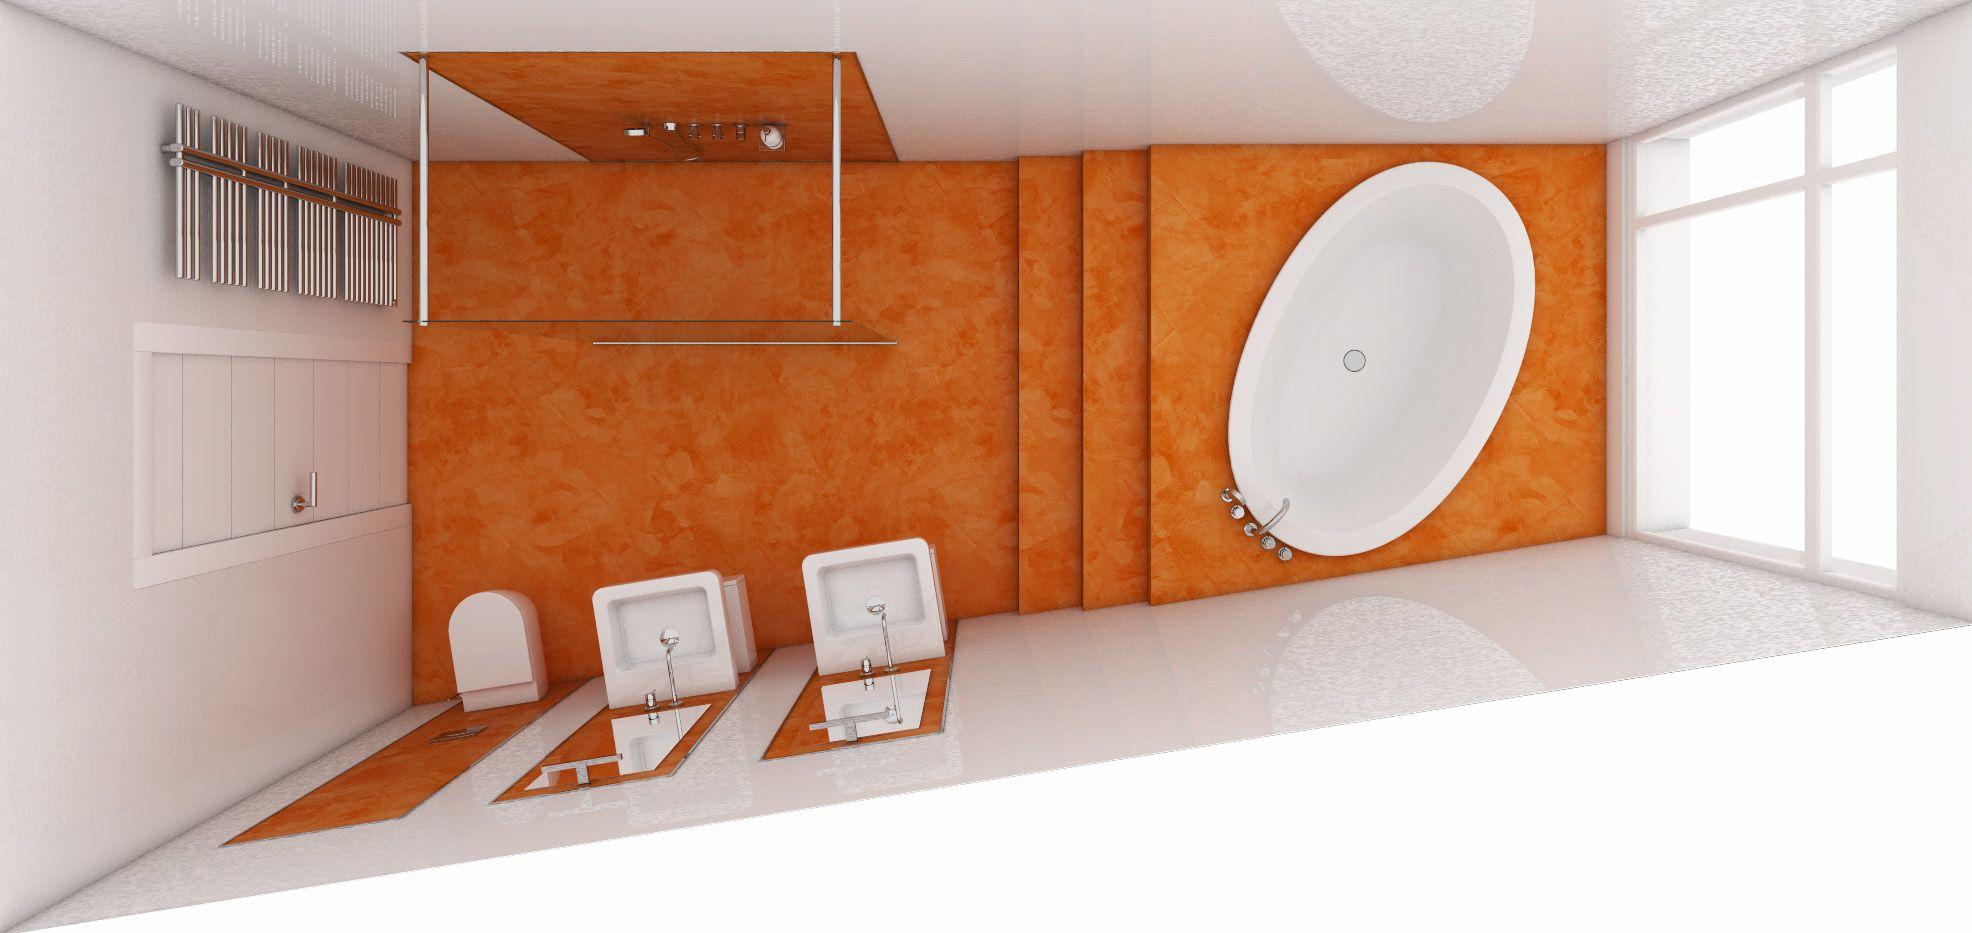 Orange Bathroom Decorating Ideas - Orange bathroom mats for bathroom decorating ideas